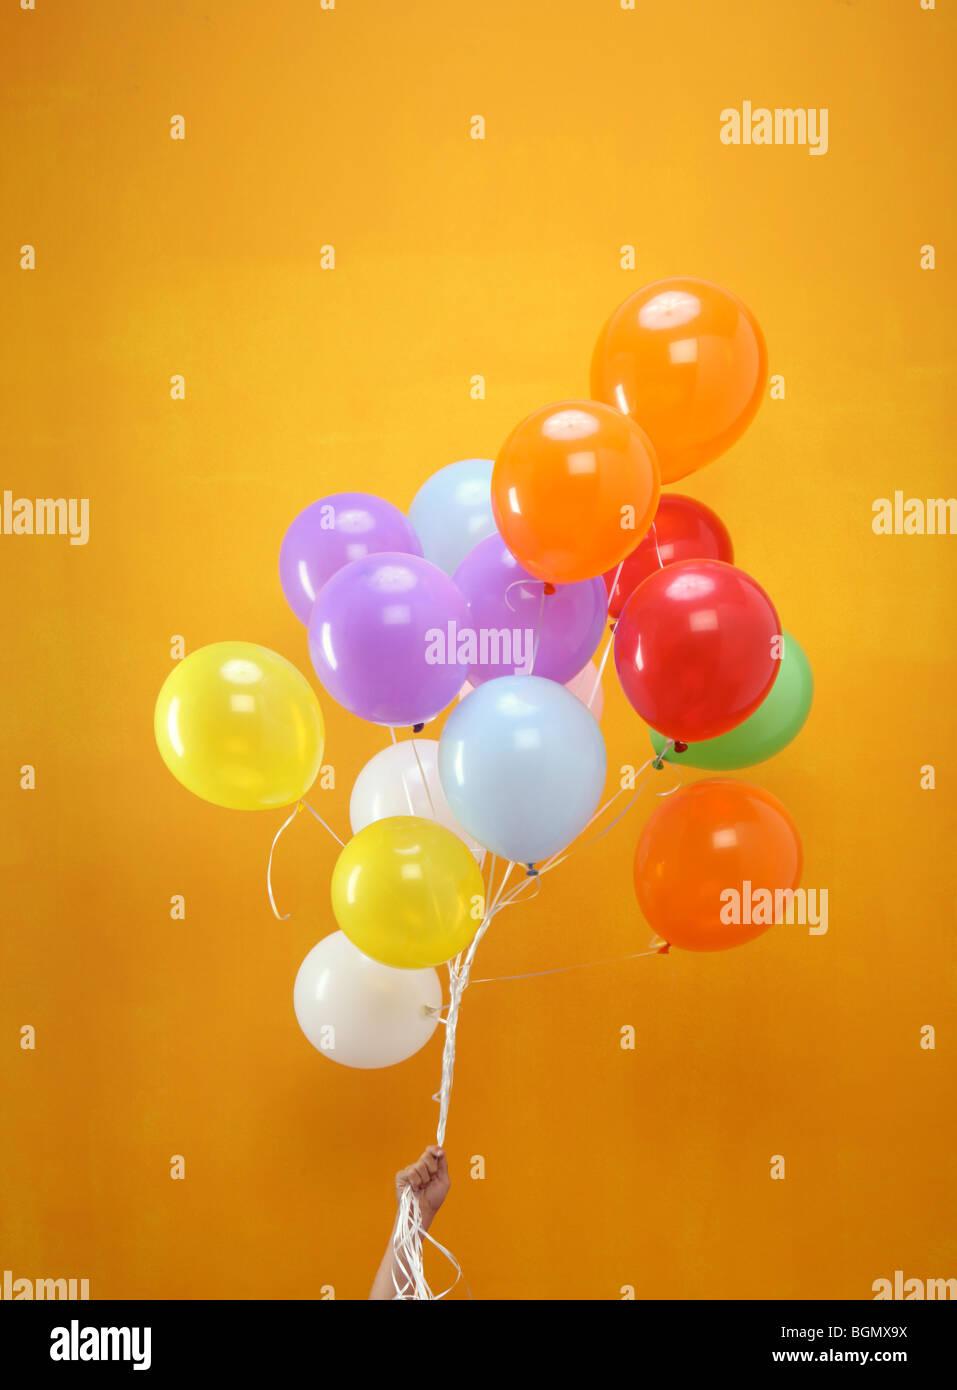 bunte Luftballons in einem Bündel von einer Hand mit orangem Hintergrund statt Stockbild